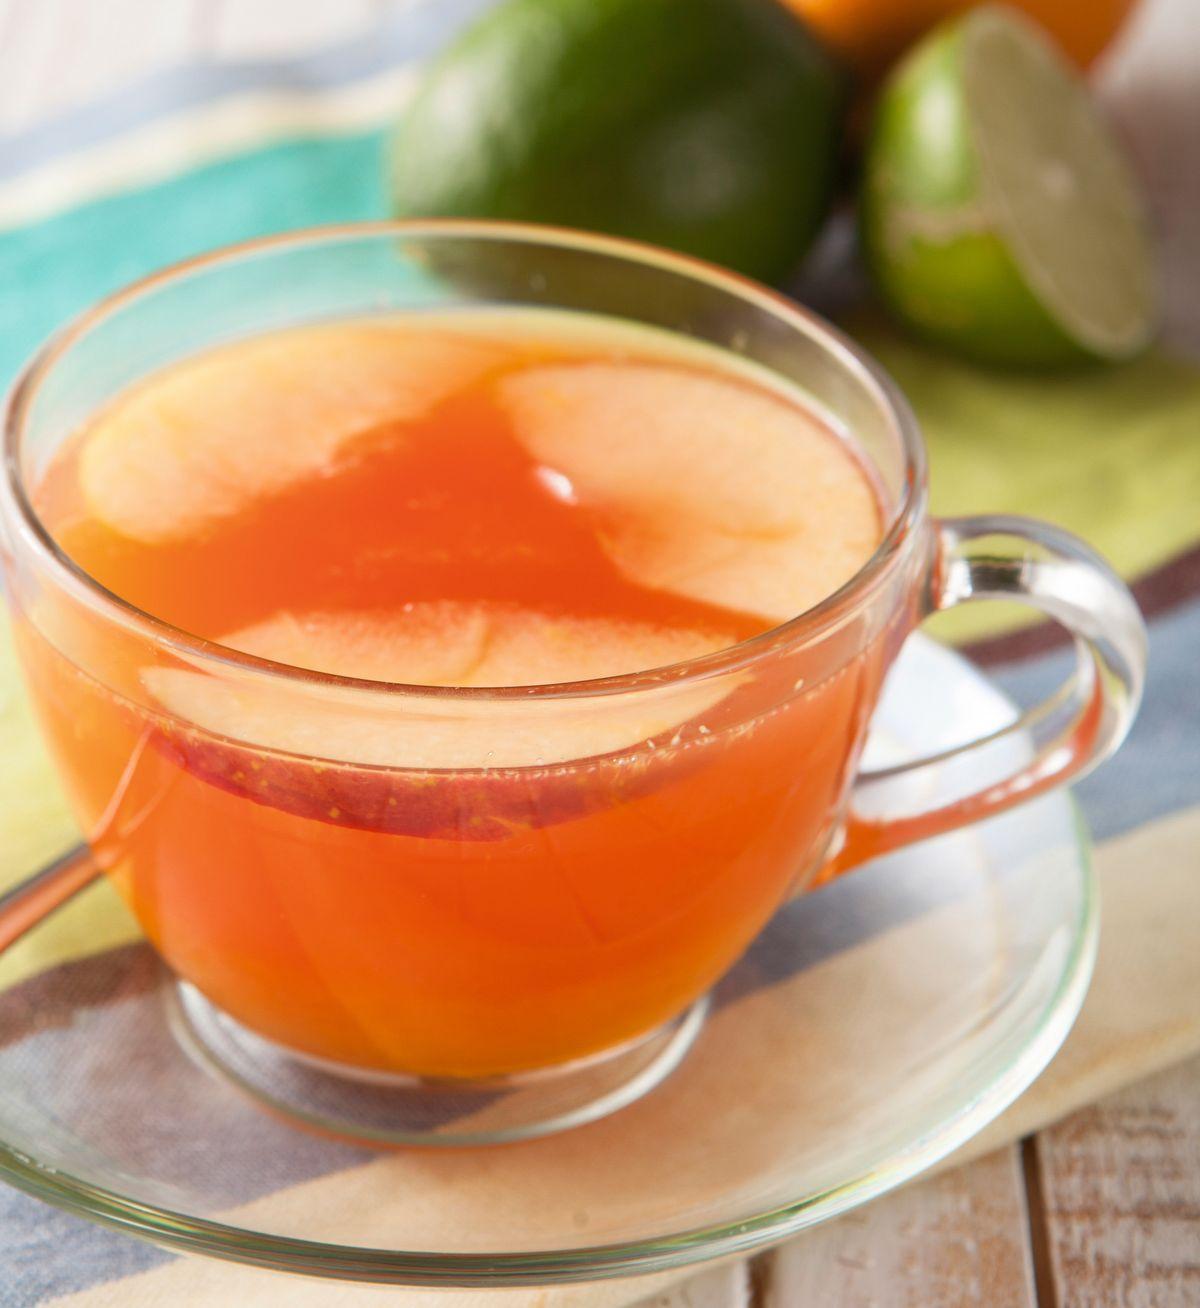 食譜:蜂蜜香檬茶